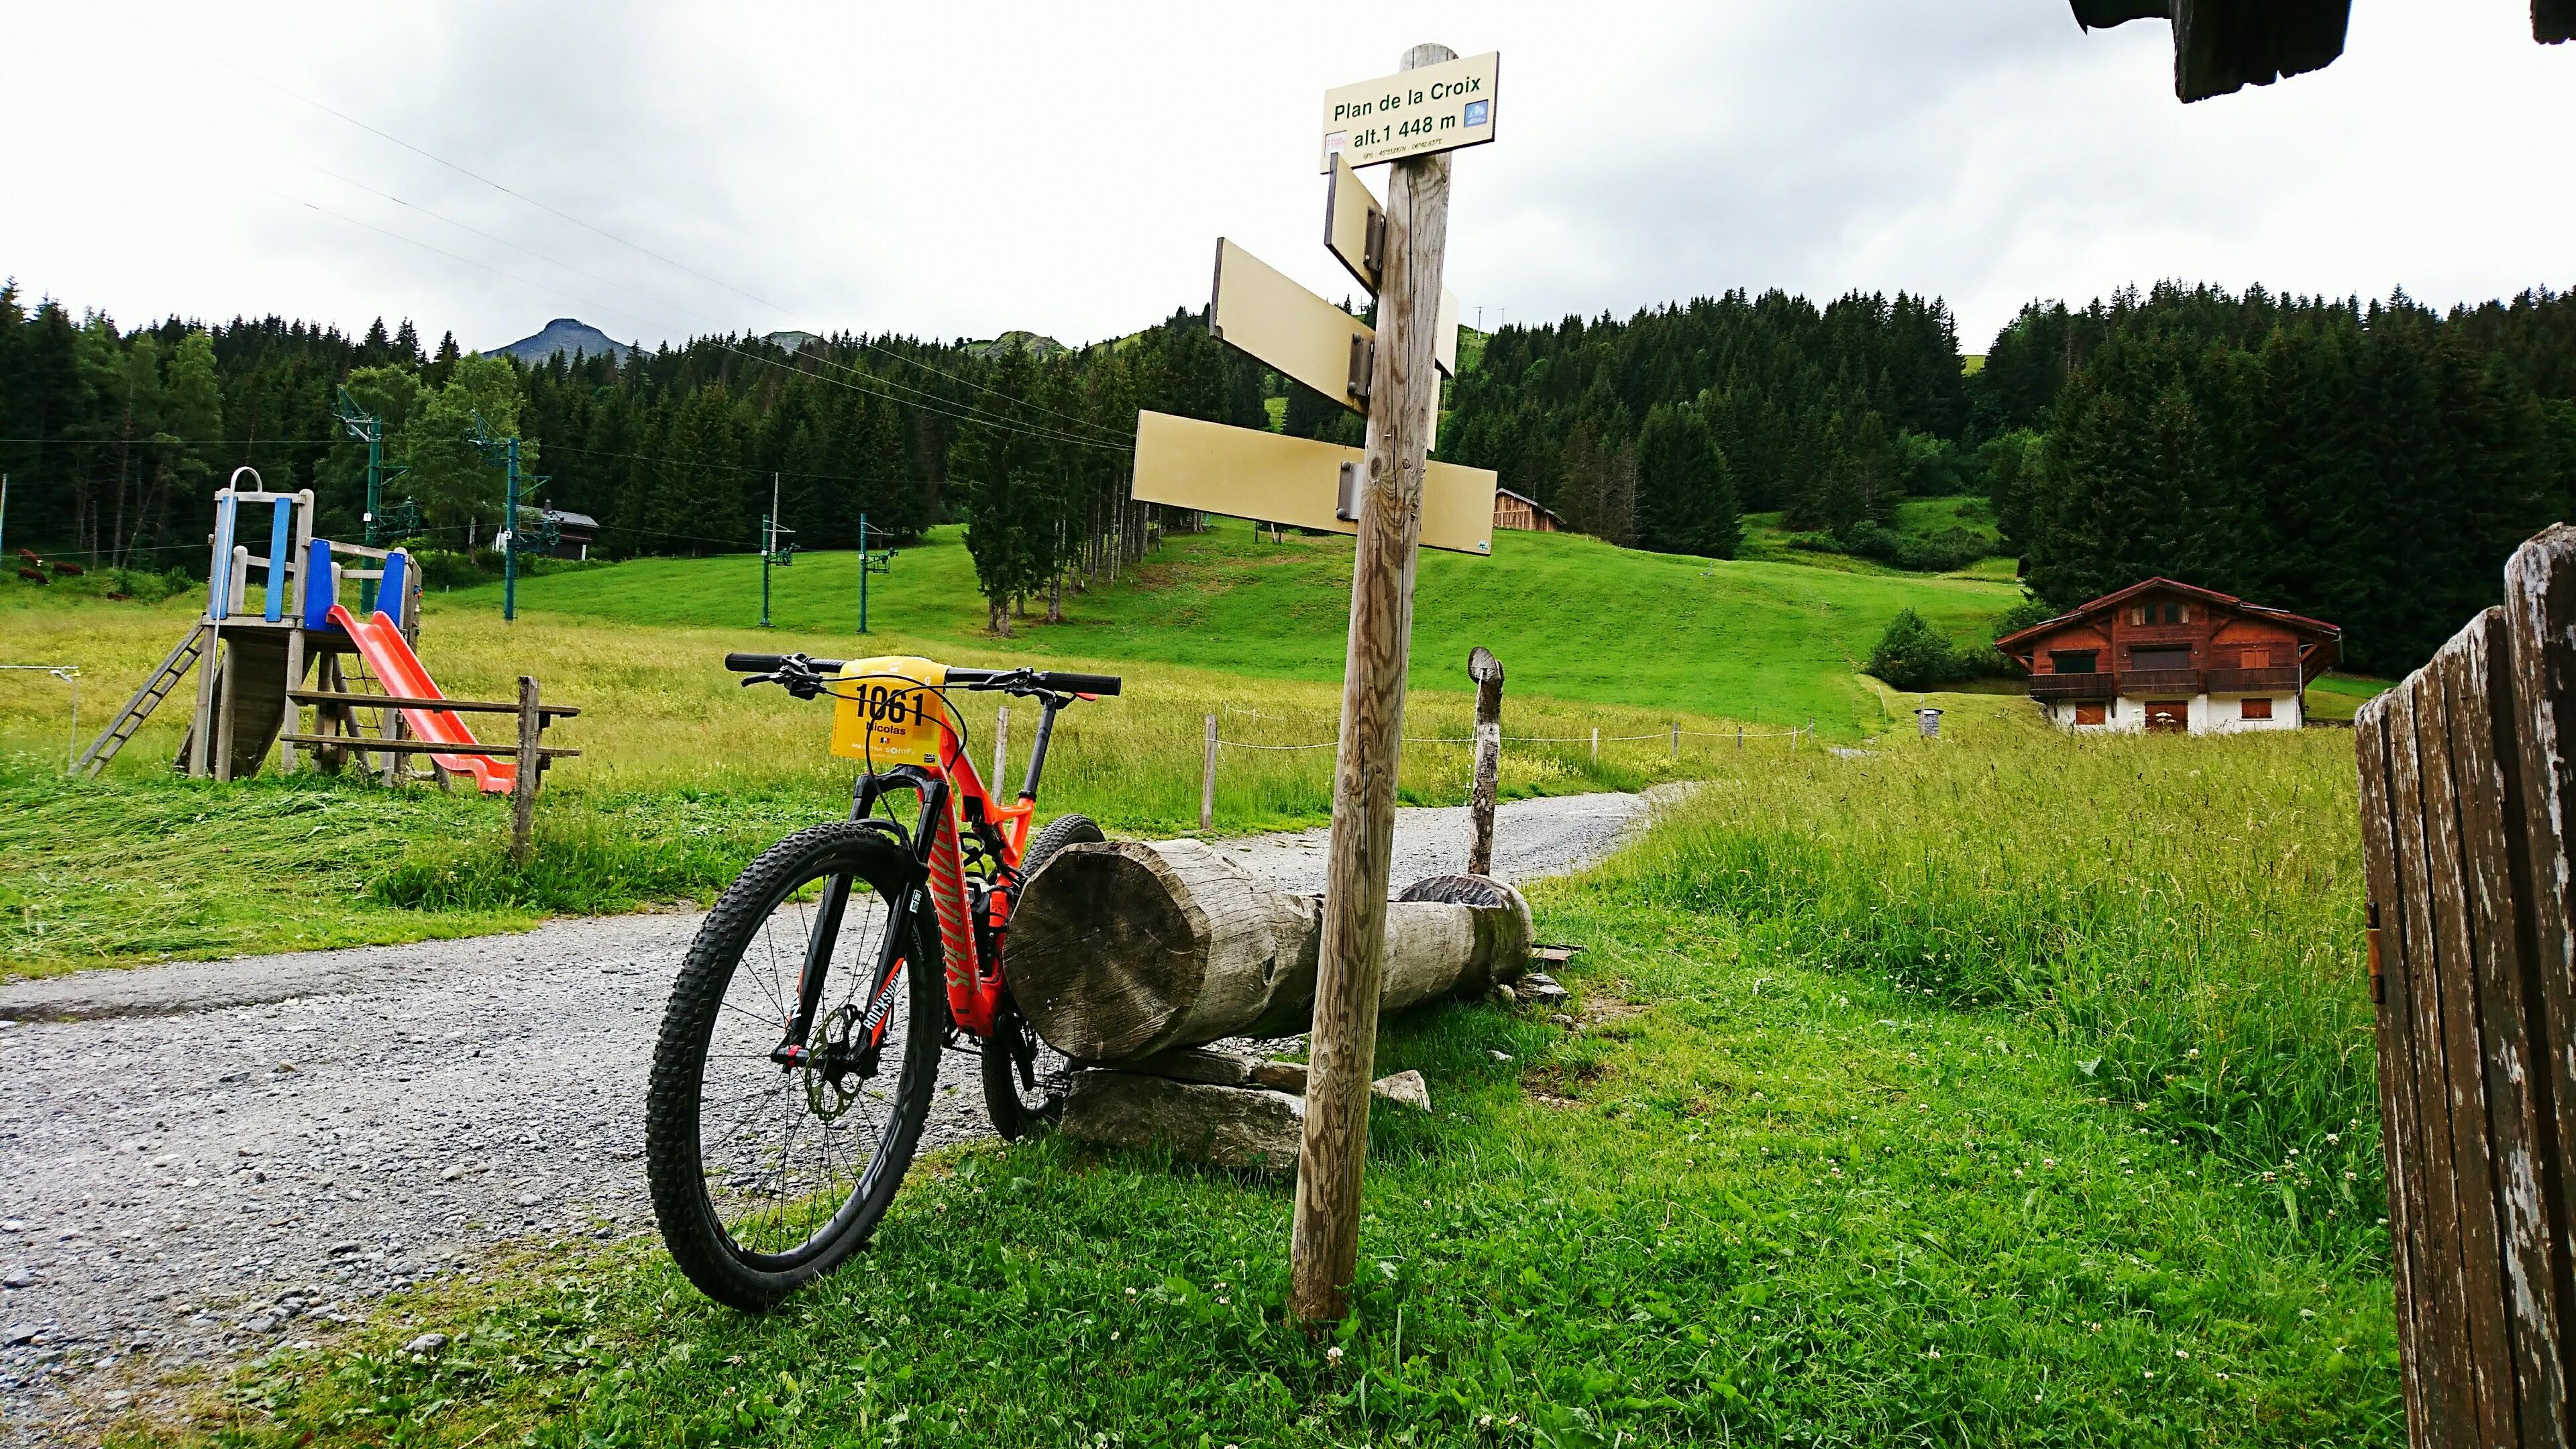 plateaux de la croix saint nicolas de véroce mb race specialized